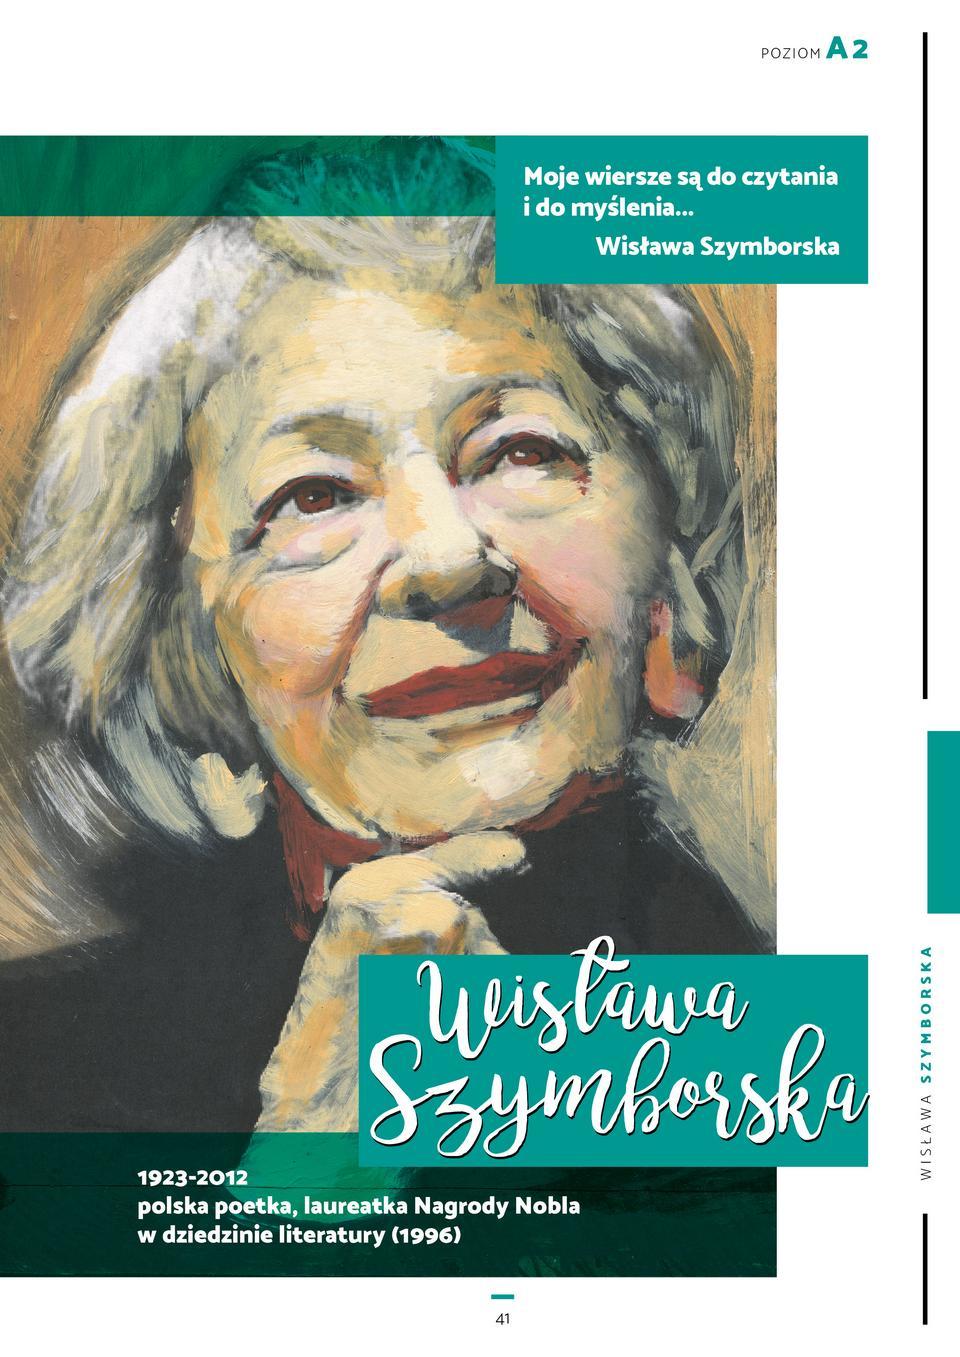 05_a2_szymborska